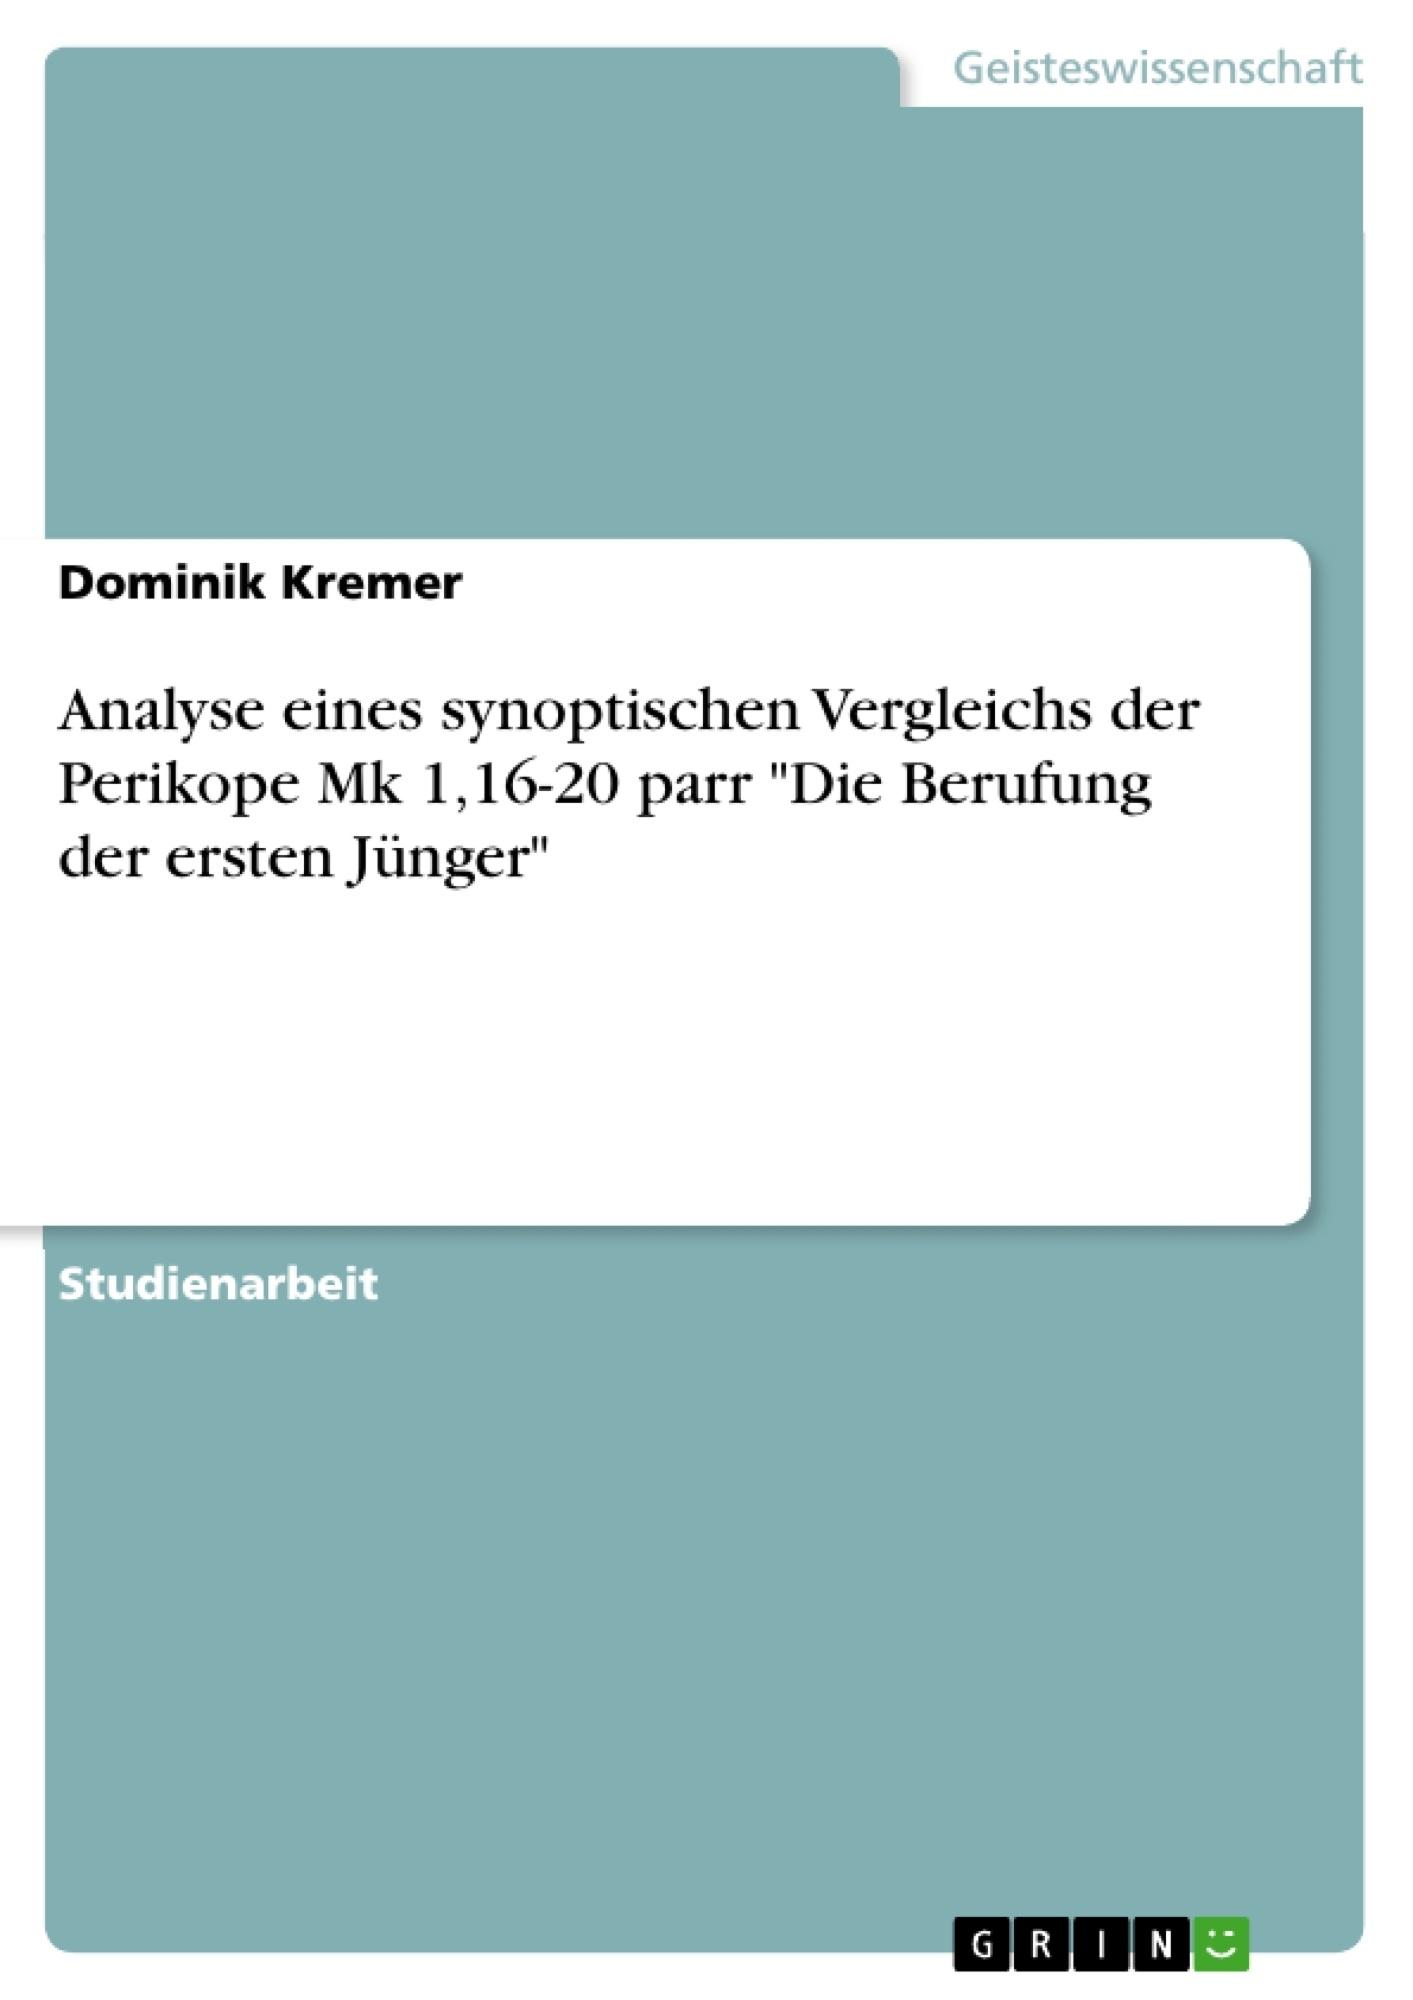 """Titel: Analyse eines synoptischen Vergleichs der Perikope Mk 1,16-20 parr """"Die Berufung der ersten Jünger"""""""